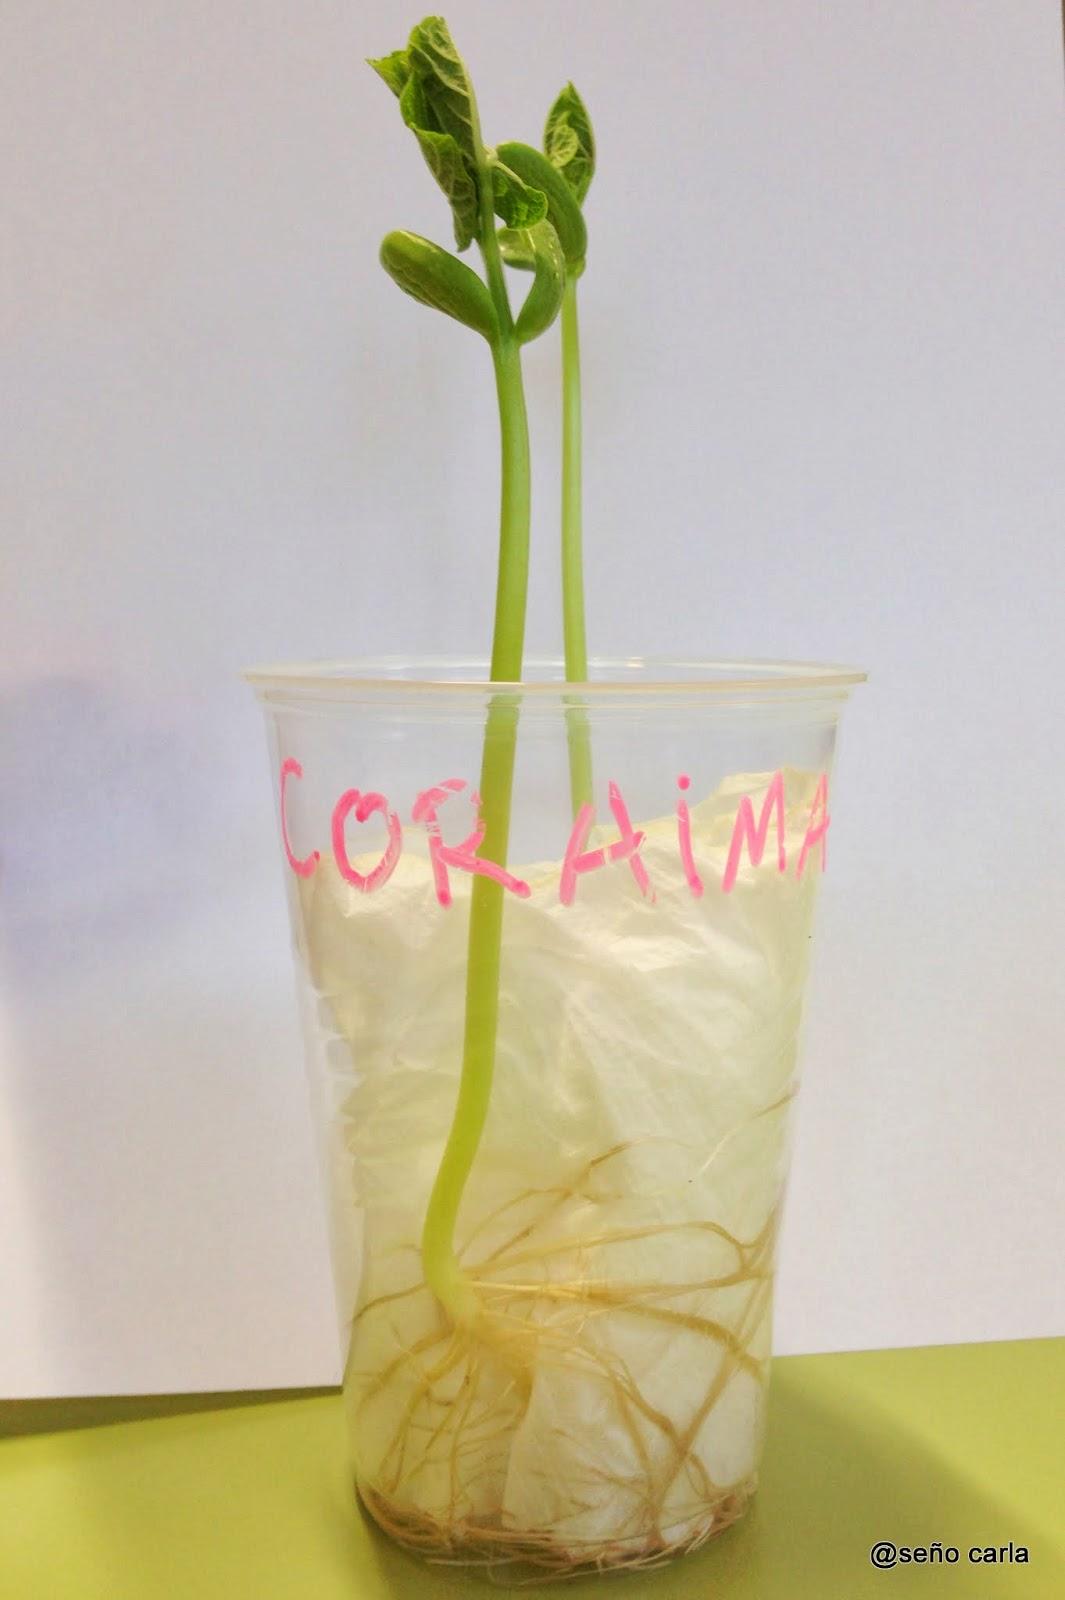 El blog de la se o carla proyecto plantamos jud as - Como preparar unas judias verdes ...